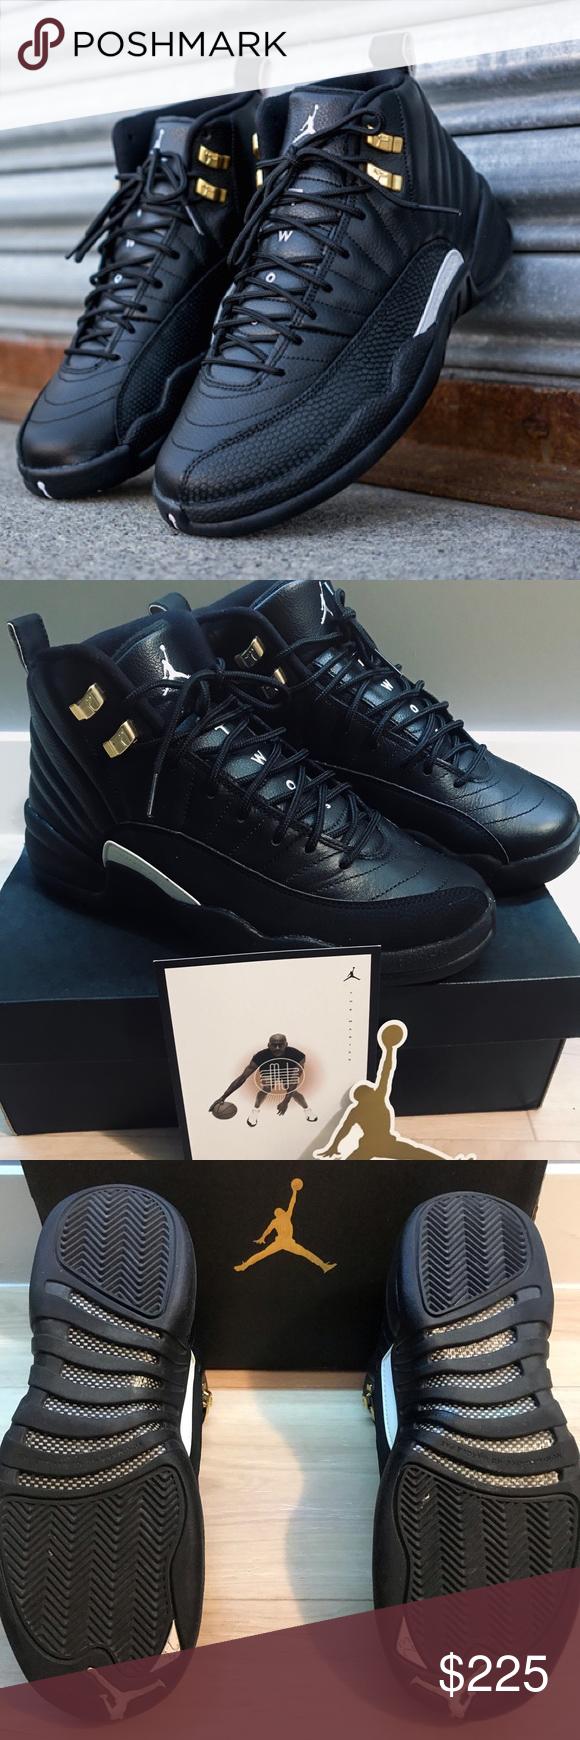 8639f3a022b2 Air Jordan Retro 12